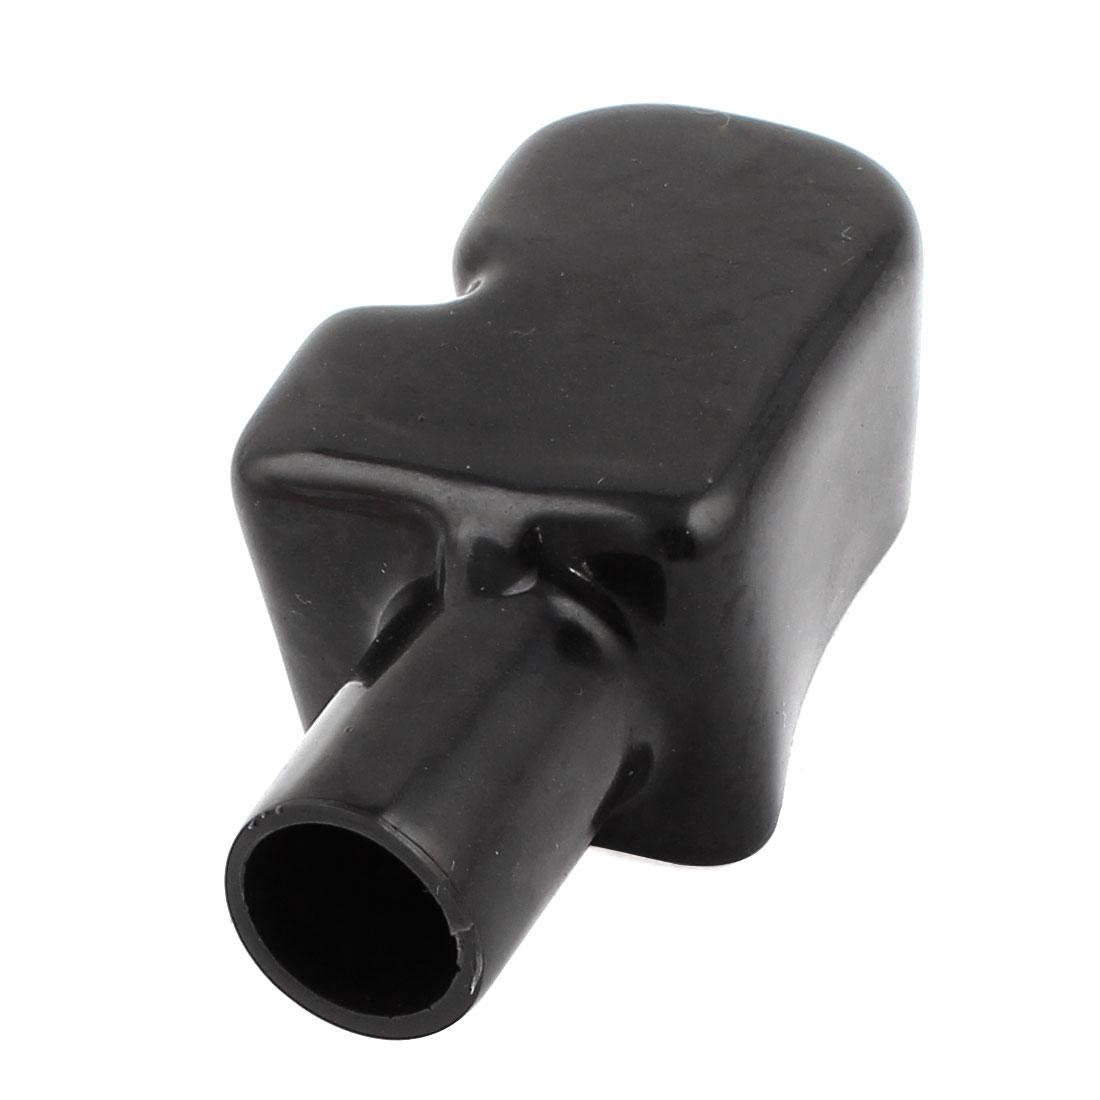 Car Cable Terminal Covers Protectors Black PVC Hot Rod Boat Boots Cap